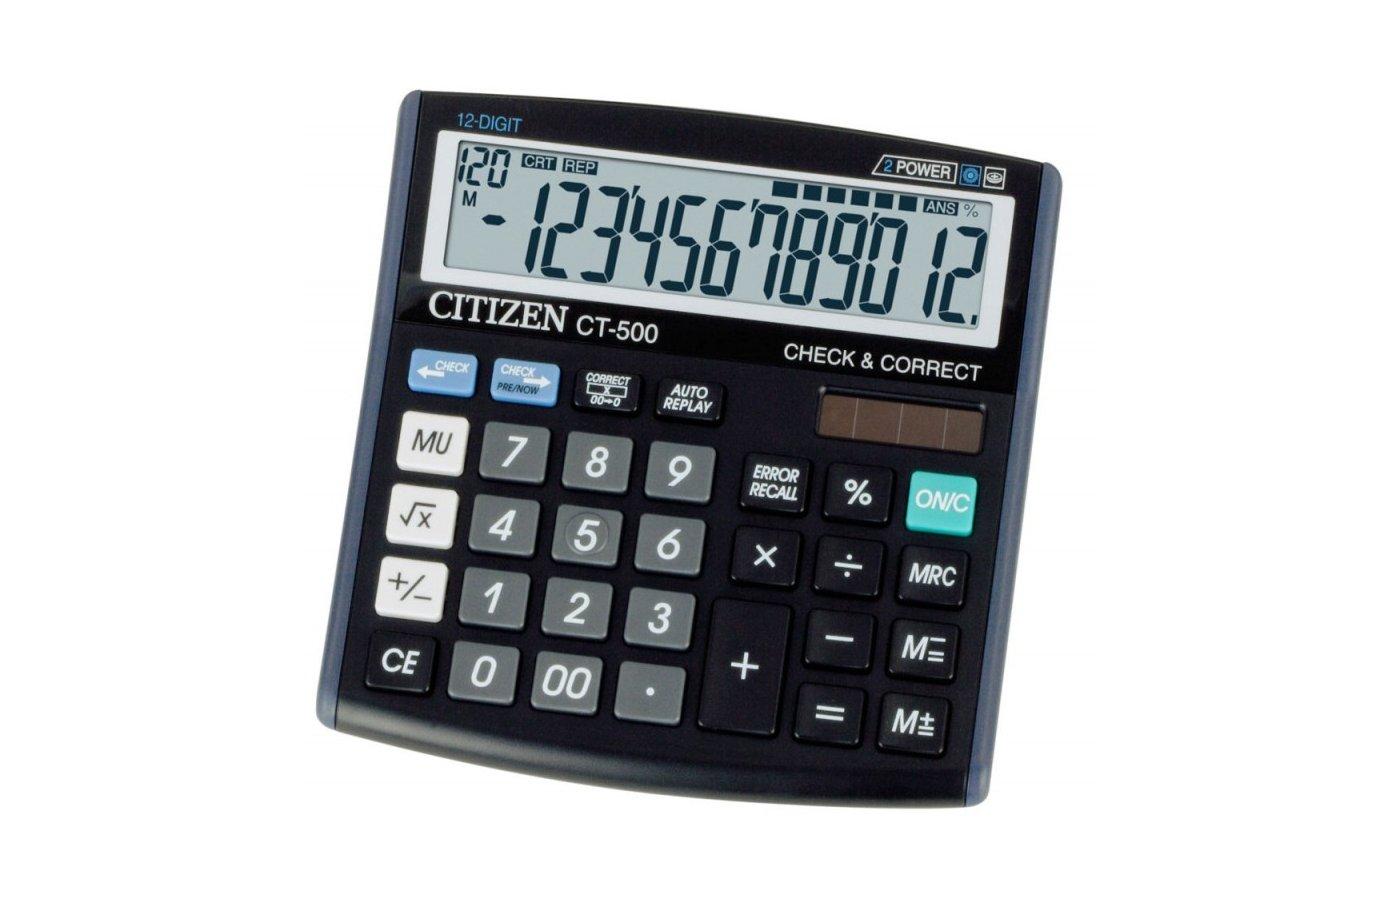 Калькулятор Citizen CT-500J 12 разрядов черный двойное питание проверка коррекция наценка